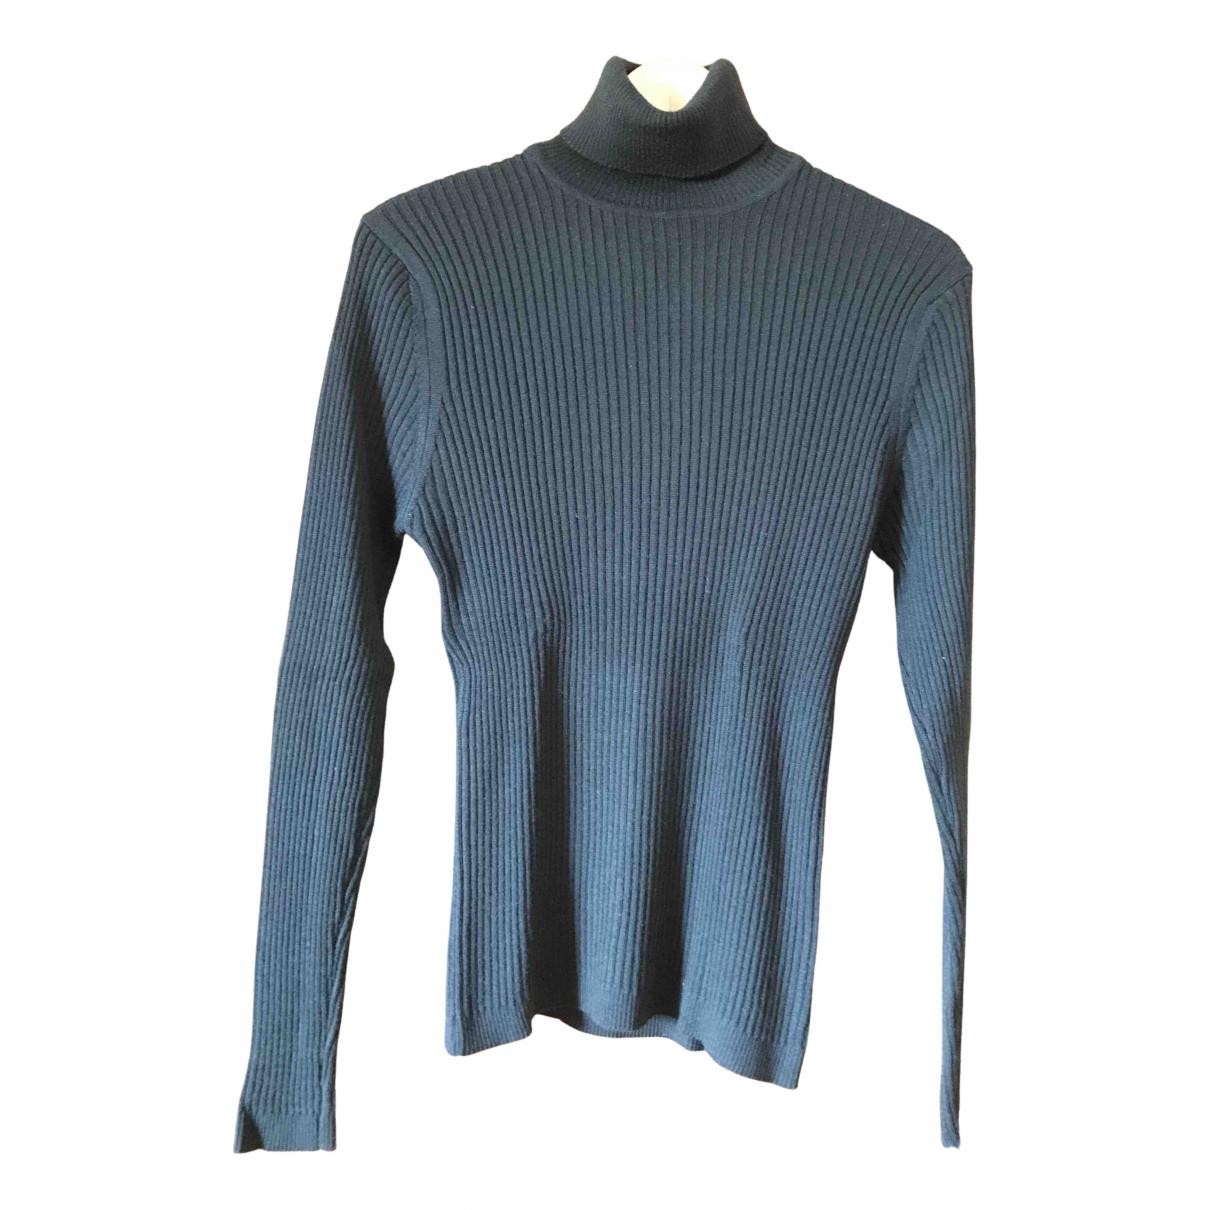 Daniele Alessandrini - Pulls.Gilets.Sweats   pour homme en laine - noir